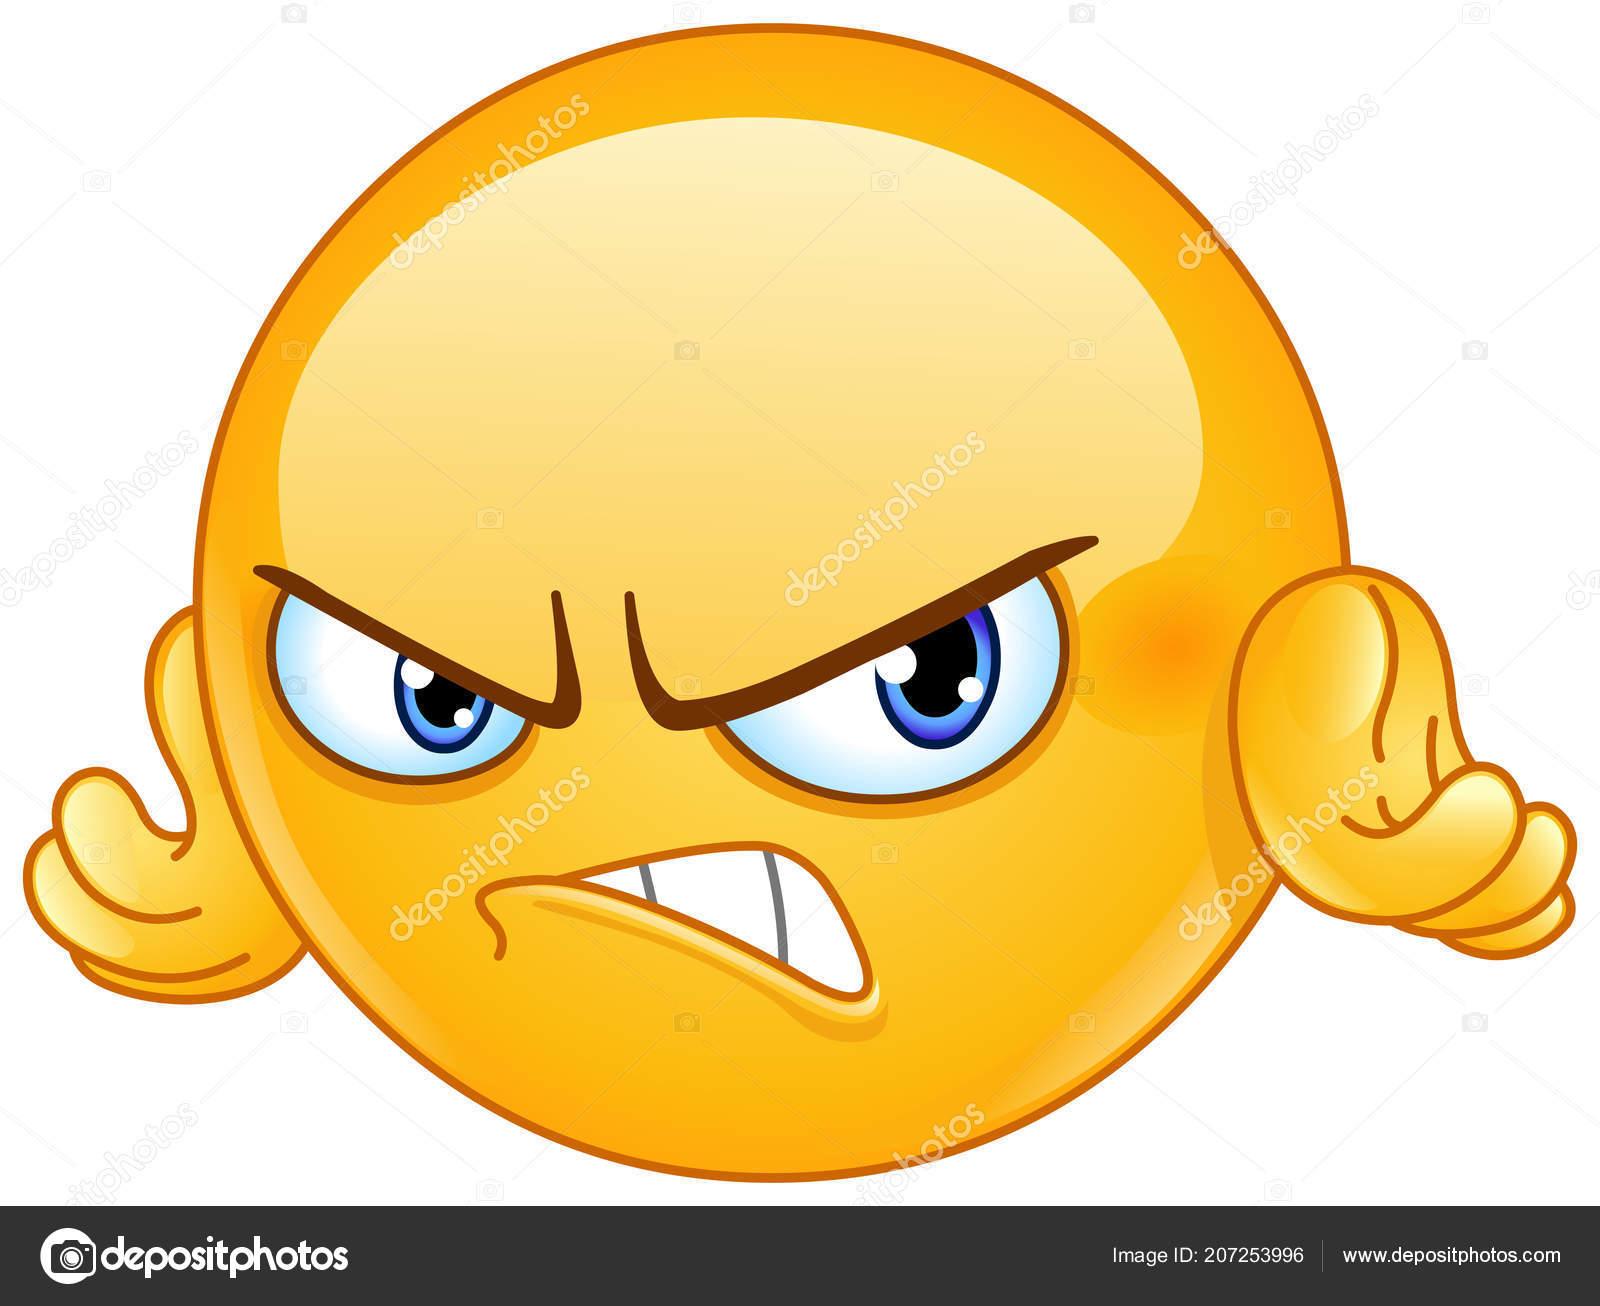 Vecteurs Pour Emoticone Colere Illustrations Libres De Droits Pour Emoticone Colere Depositphotos